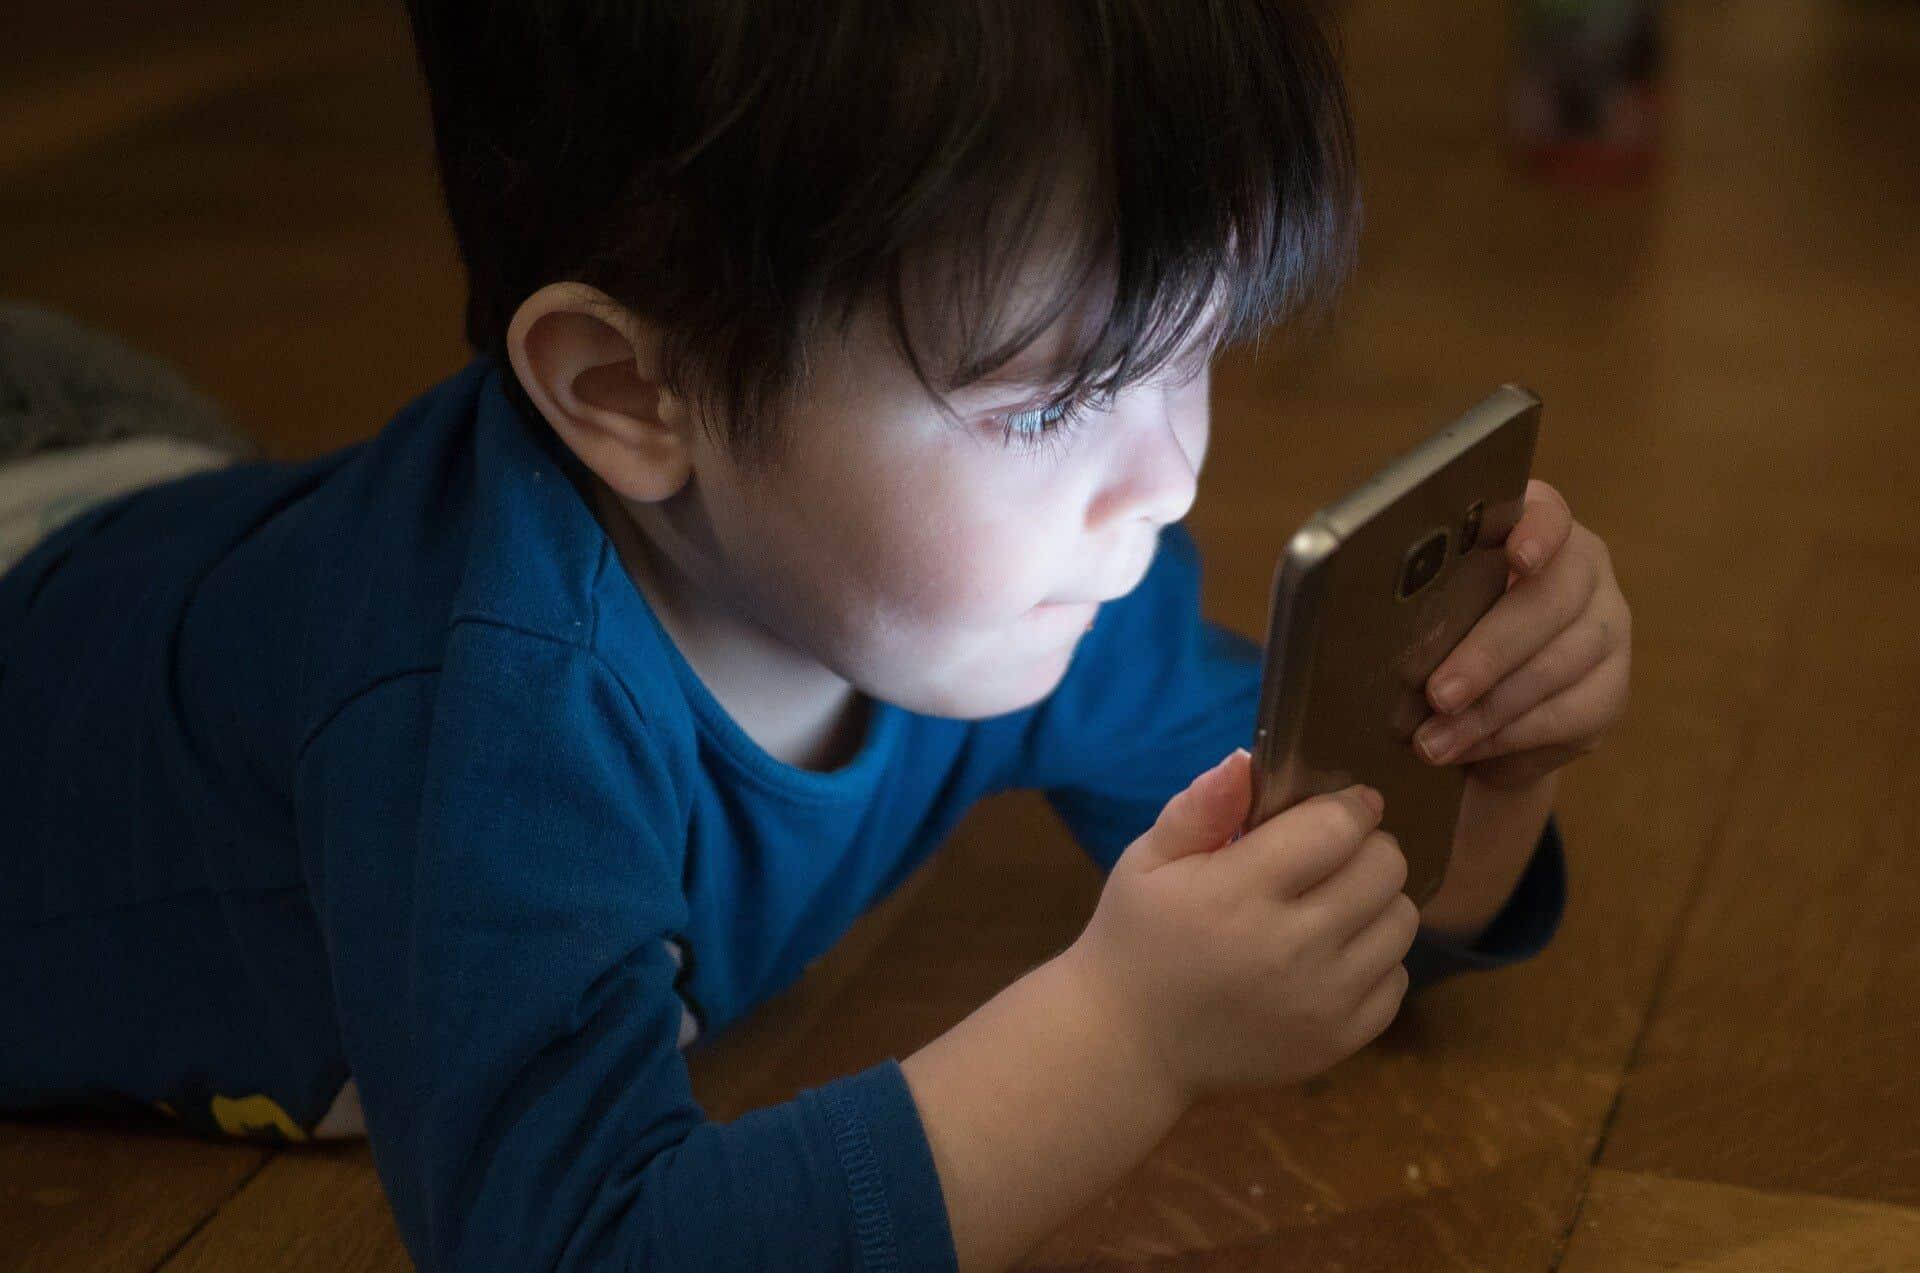 comment protéger les photos de votre bébé en ligne